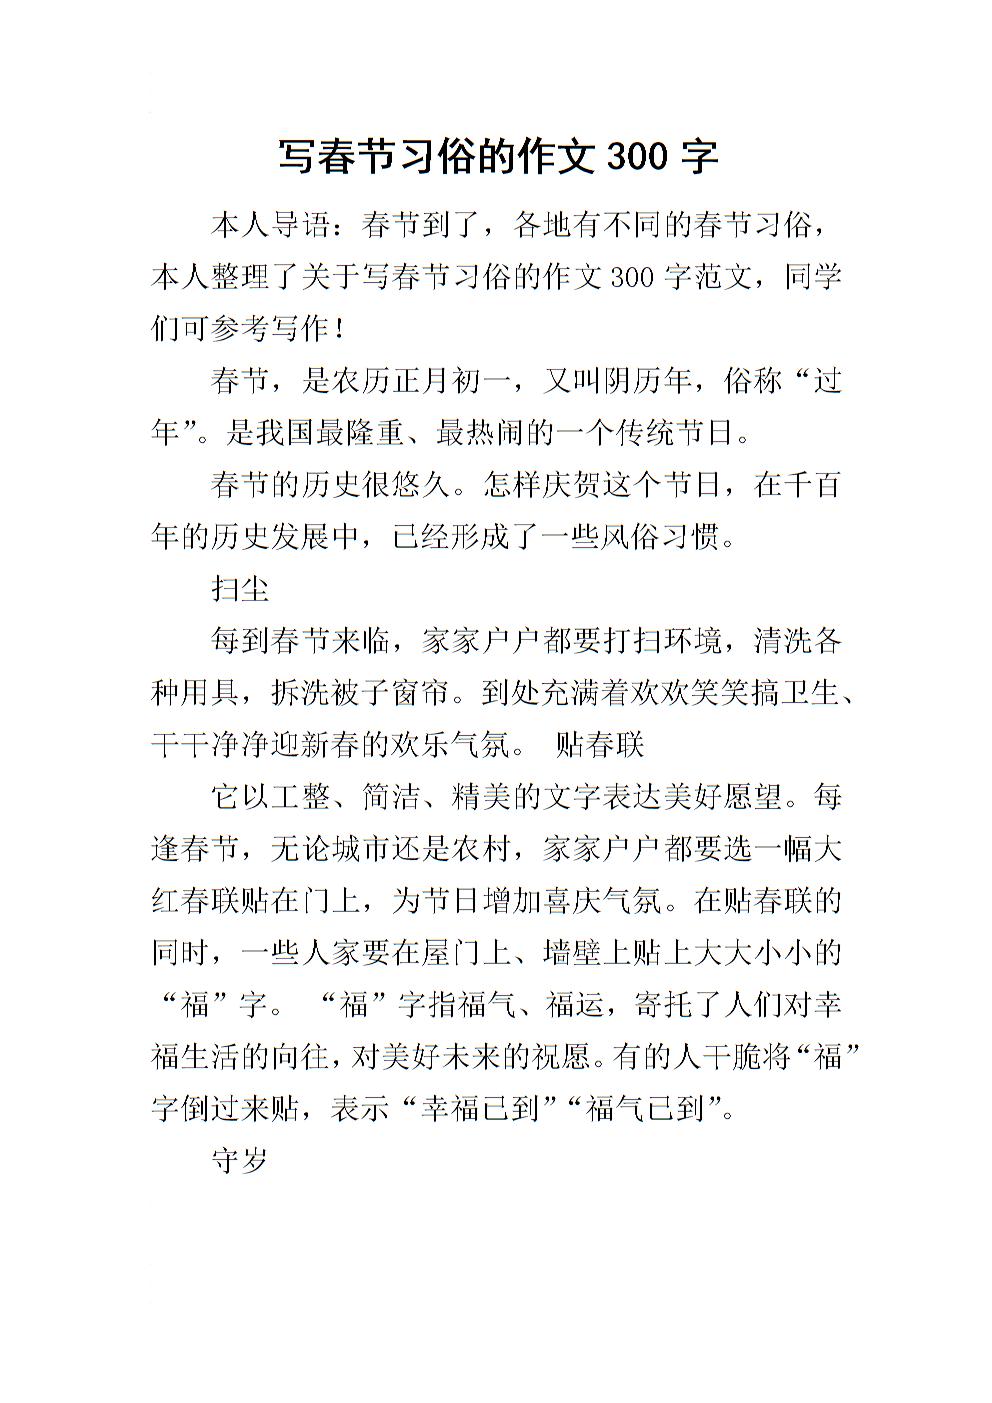 写春节习俗的作文300字.docx图片